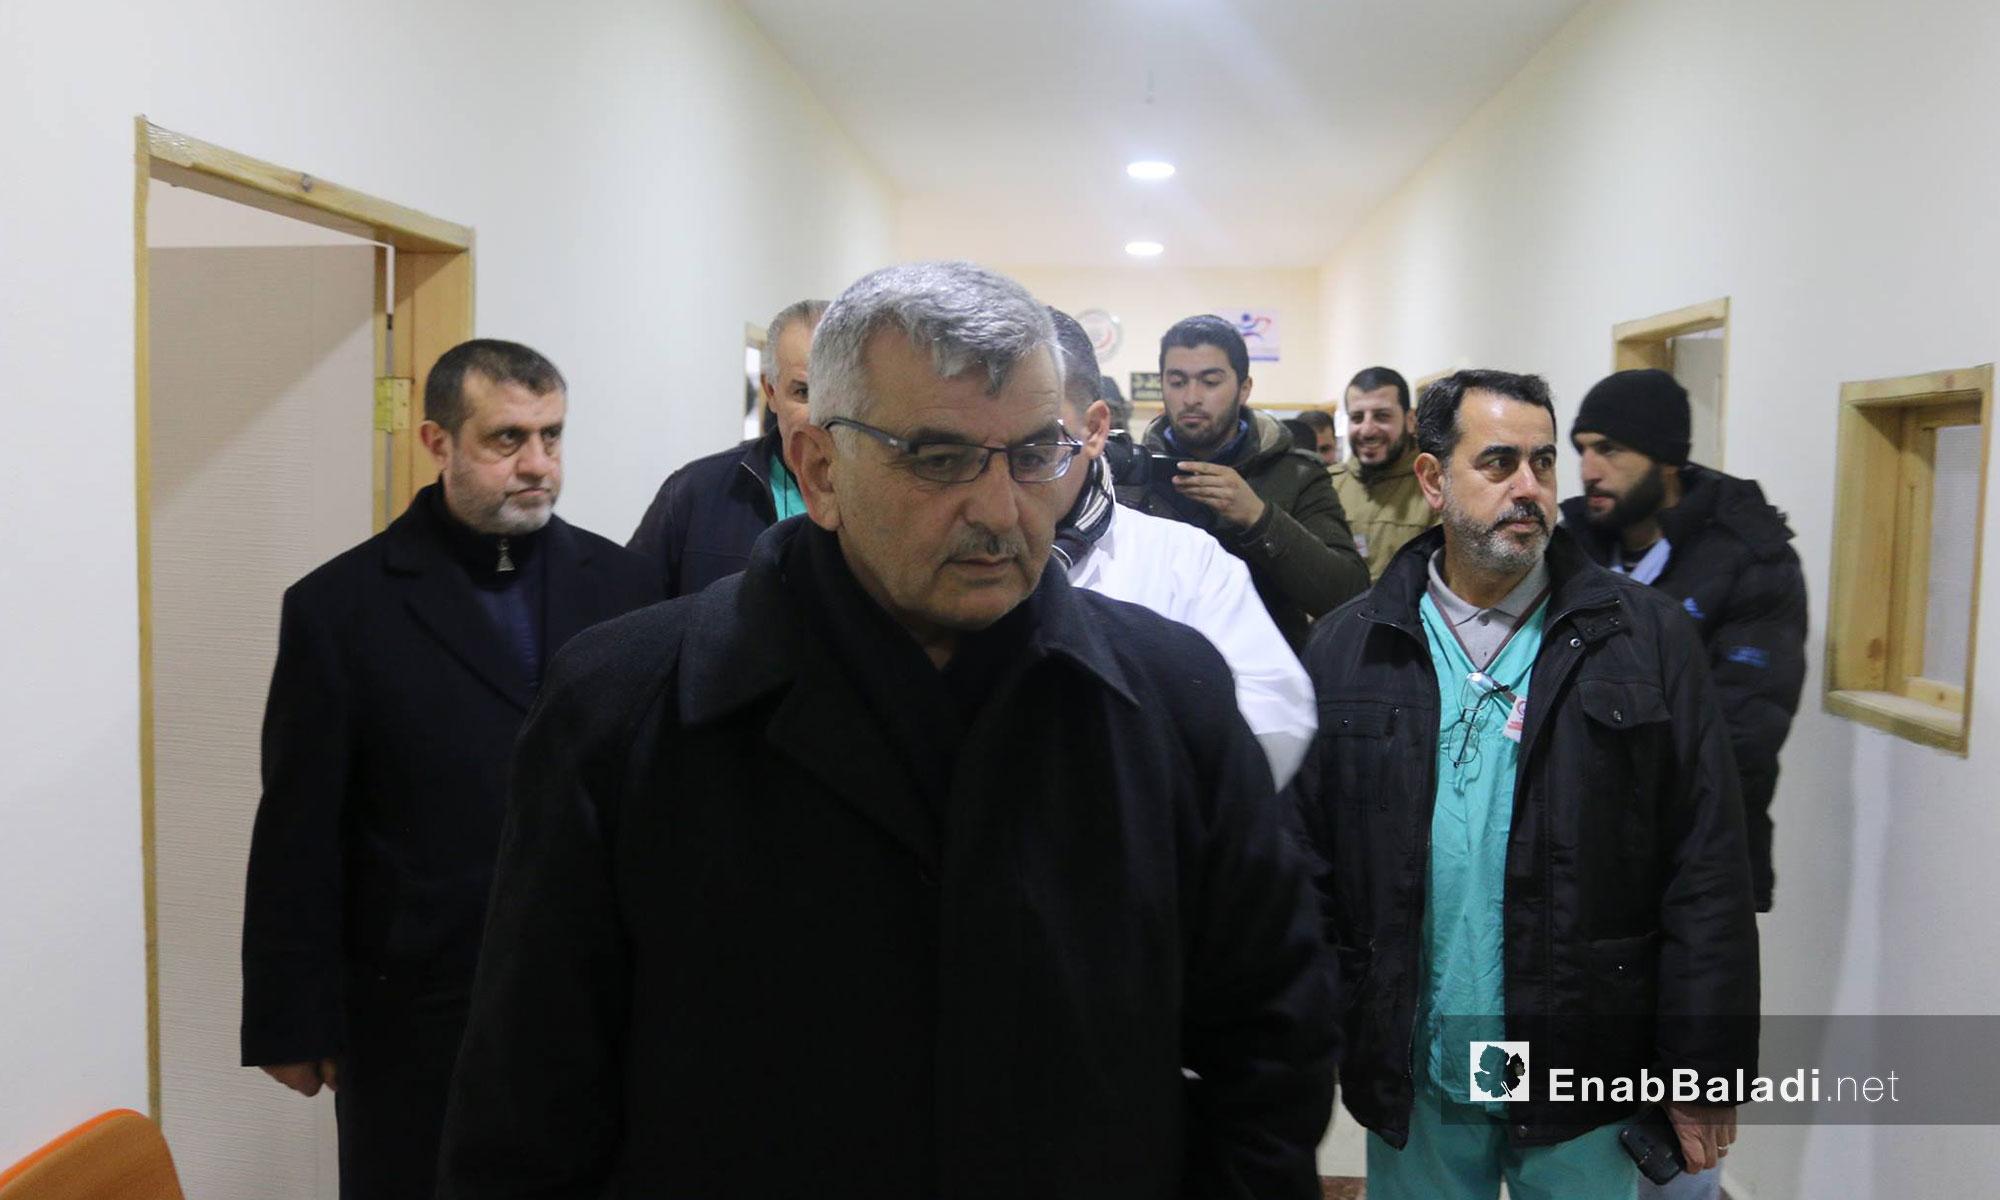 حضر الافتتاح وزير الصحة في الحكومة المؤقتة محمد فراس الجندي